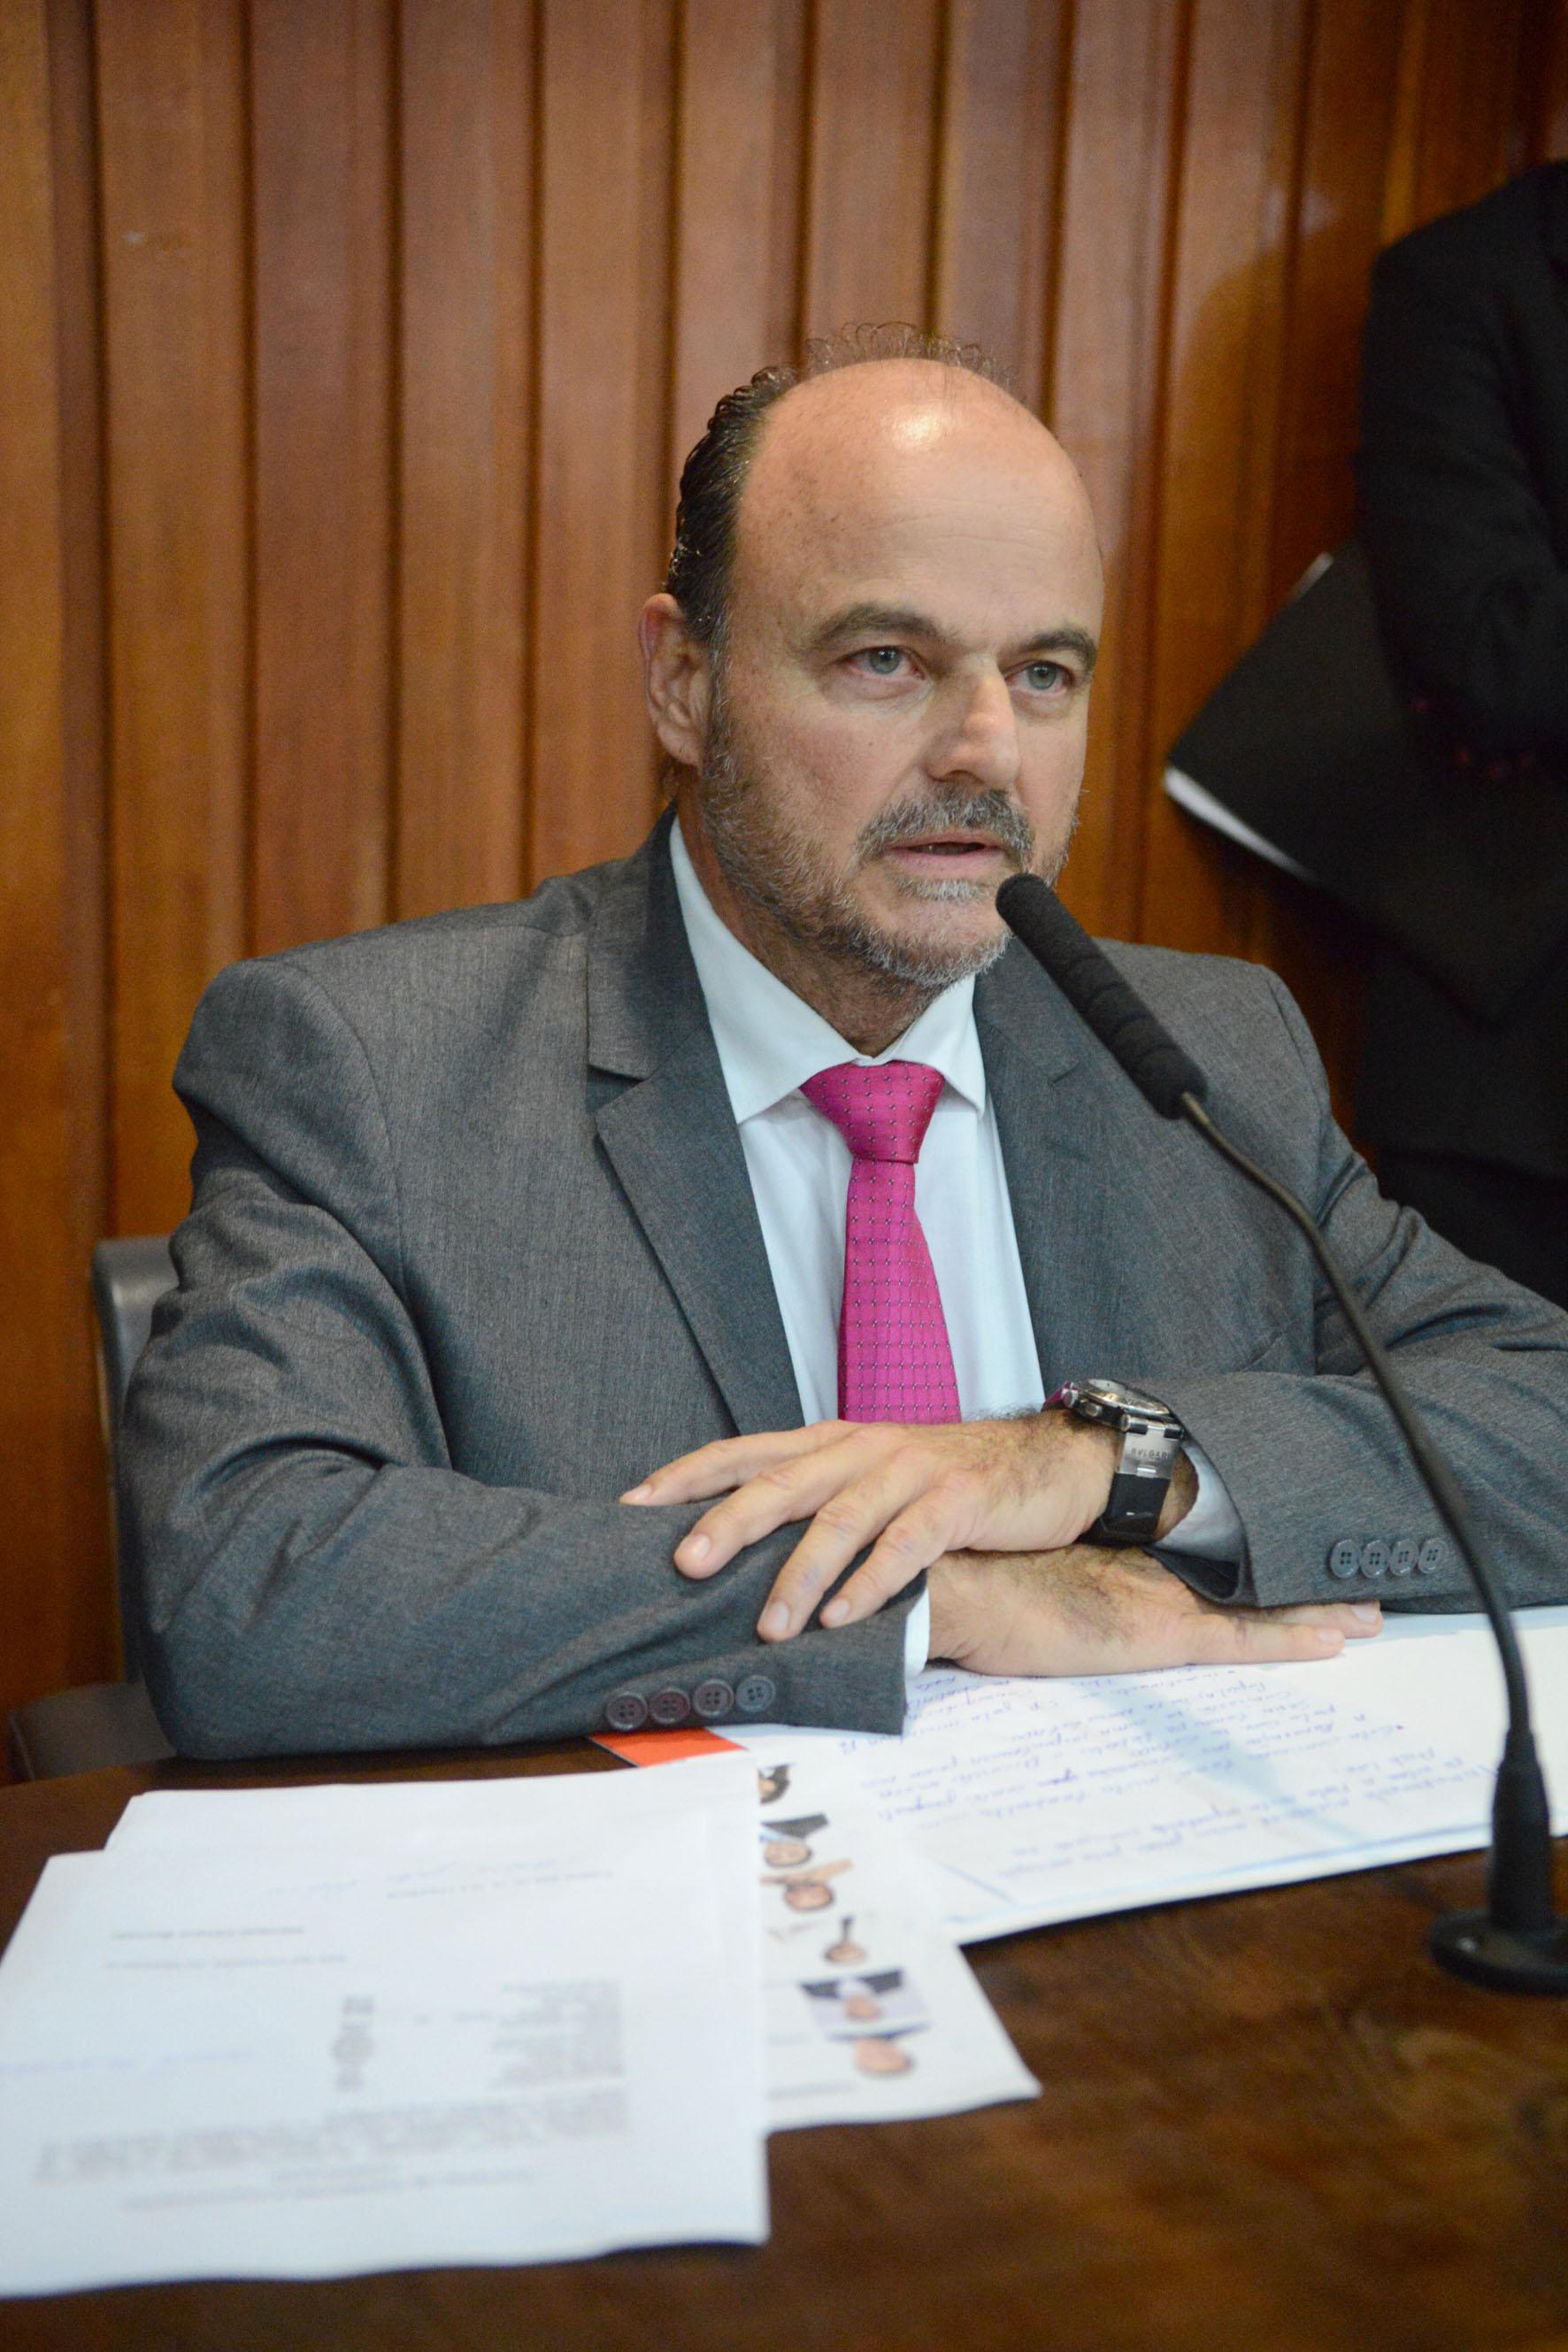 Ricardo Madalena presidente eleito da comissão<a style='float:right' href='https://www3.al.sp.gov.br/repositorio/noticia/N-04-2019/fg232921.jpg' target=_blank><img src='/_img/material-file-download-white.png' width='14px' alt='Clique para baixar a imagem'></a>